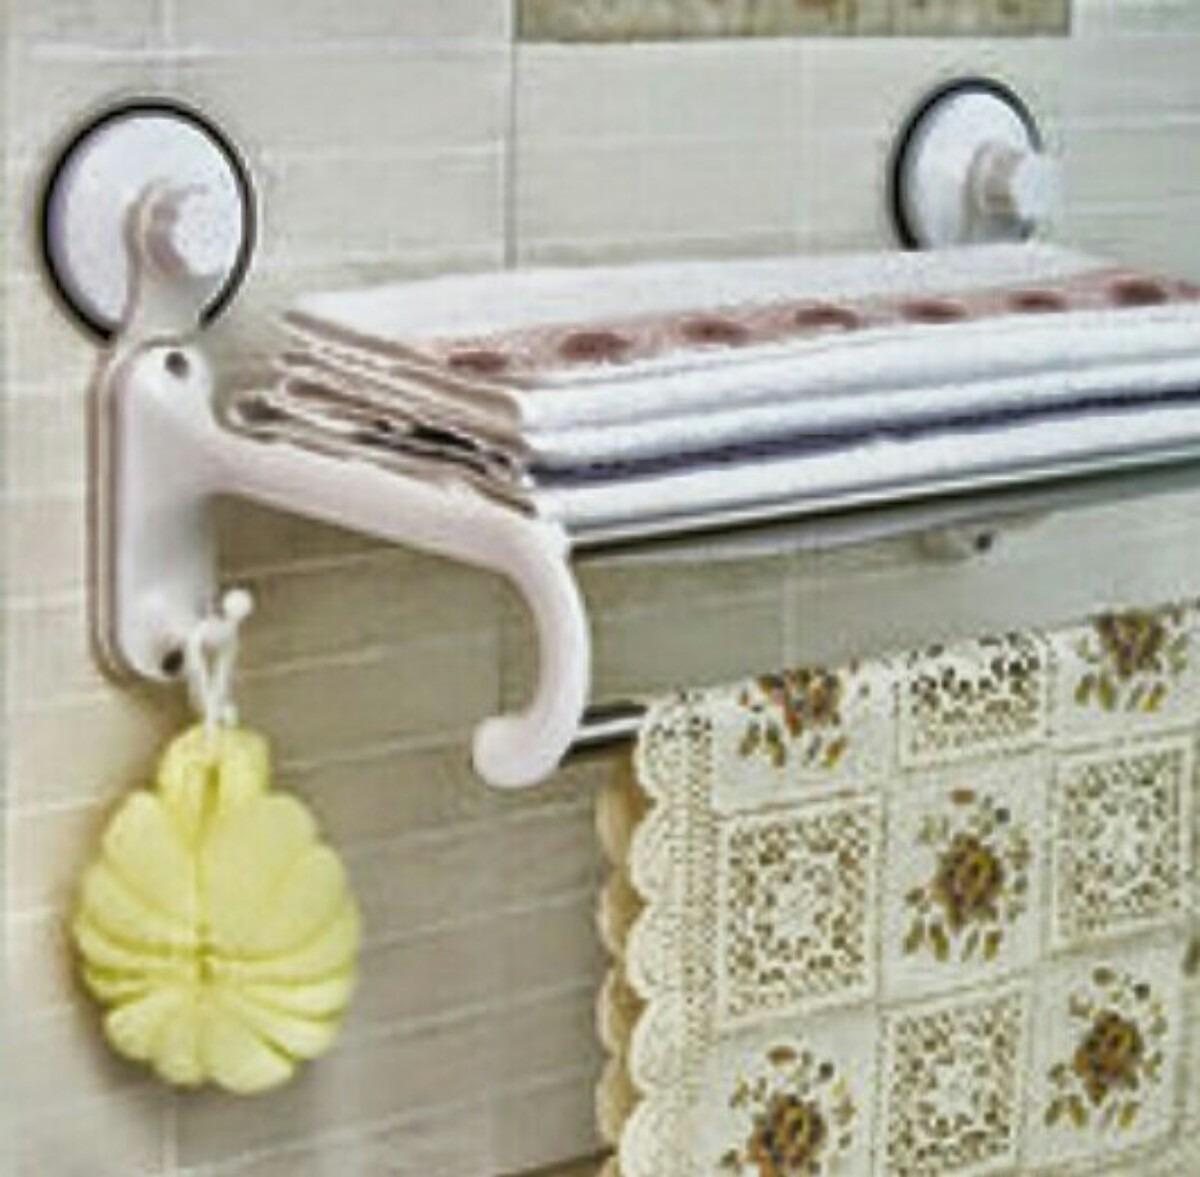 Porta toallas con repisa no usa pernos ni tornillos 11 - Porta toallas para bano ...